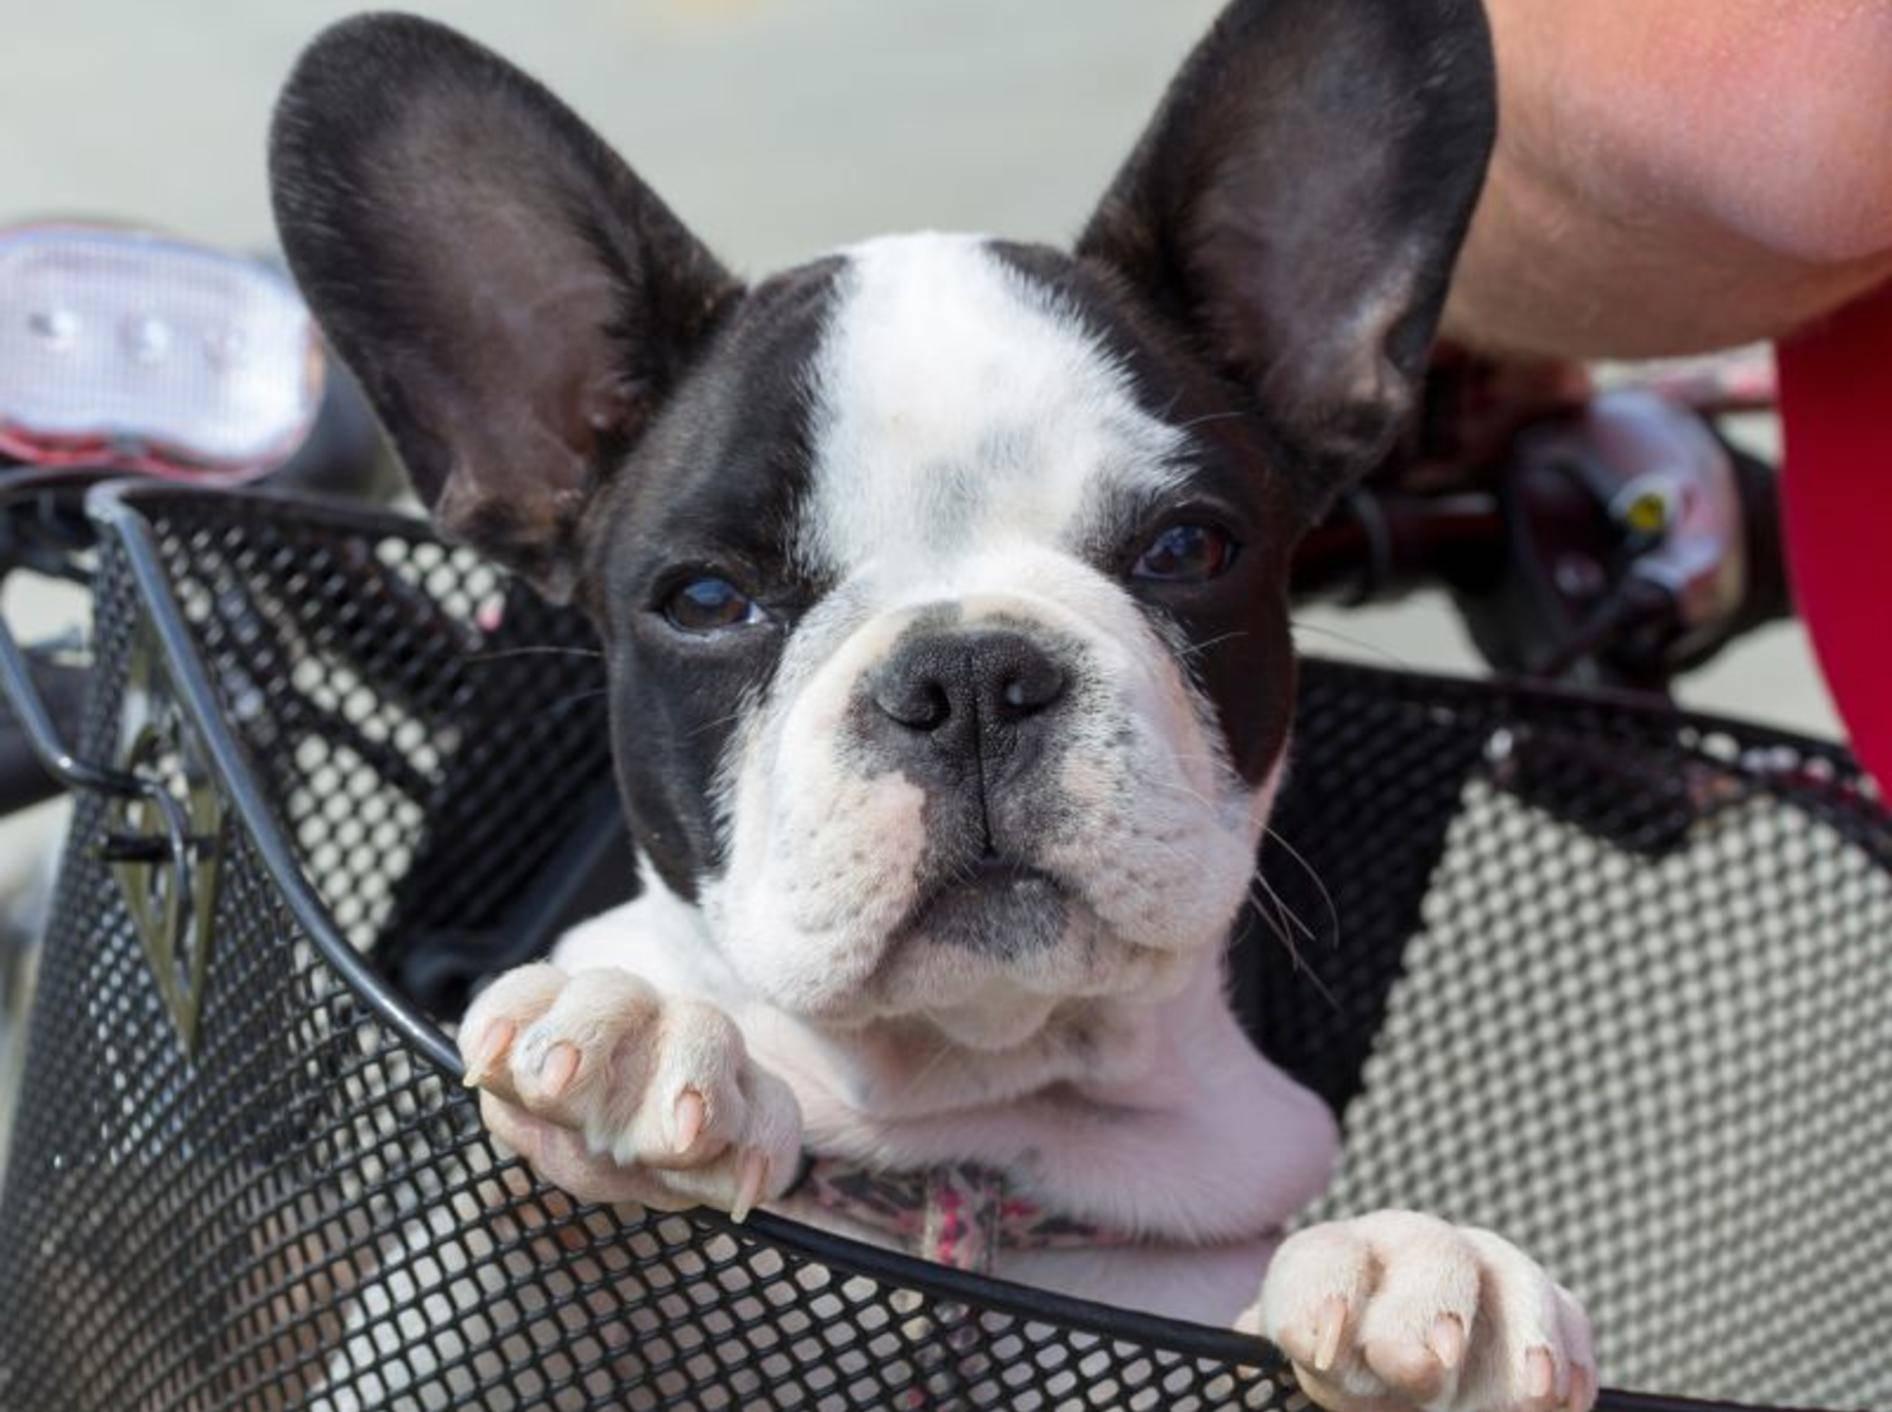 Kleine, gemütliche Hunde reisen meist lieber im sicheren Fahrradkorb mit – Bild: Shutterstock / Kwiatek7